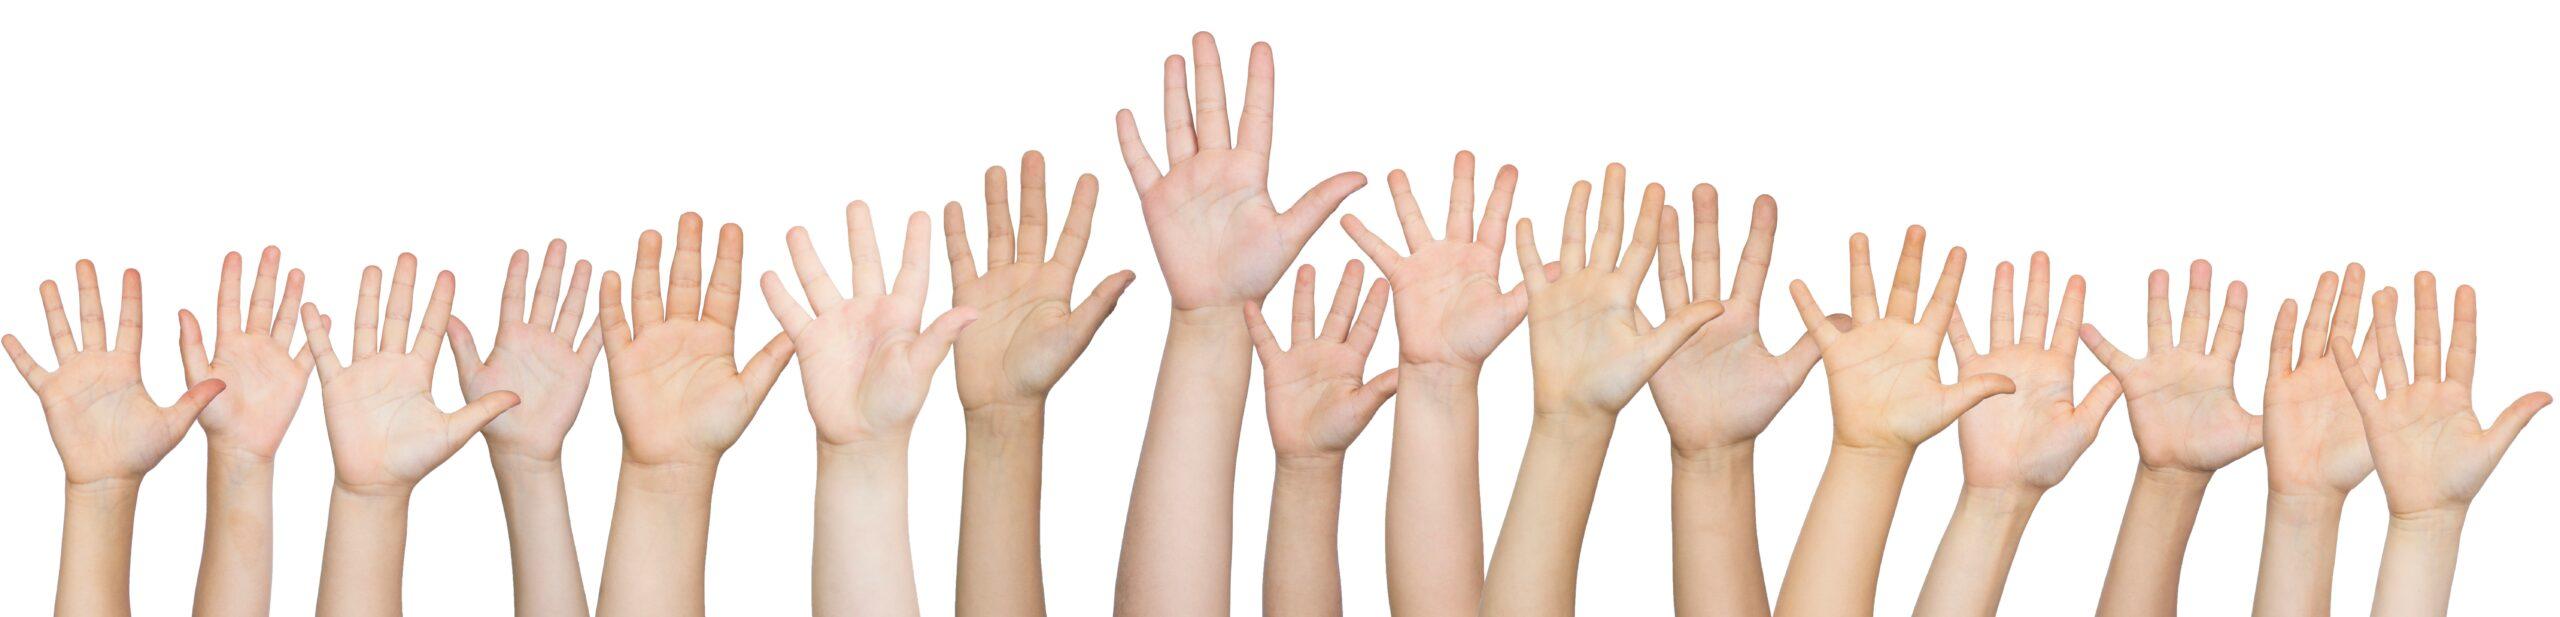 Vele kinderhandjes die in de lucht wijzen